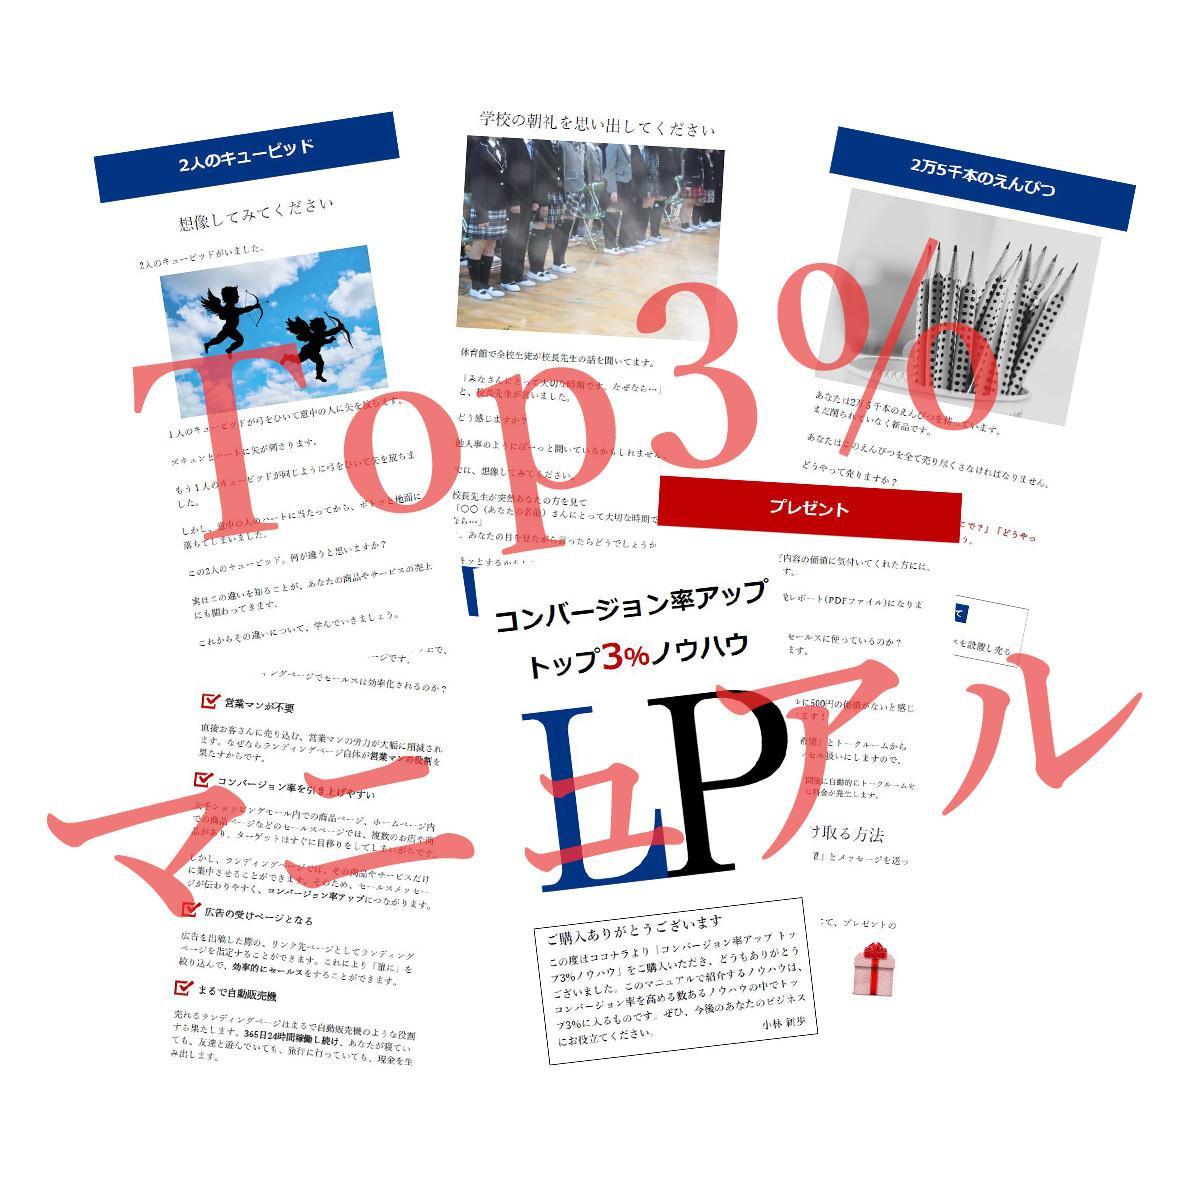 """LPのコンバージョン率アップの方法を教えます アクビしてた学校の""""とある授業""""が、LP売上アップの鍵だった"""